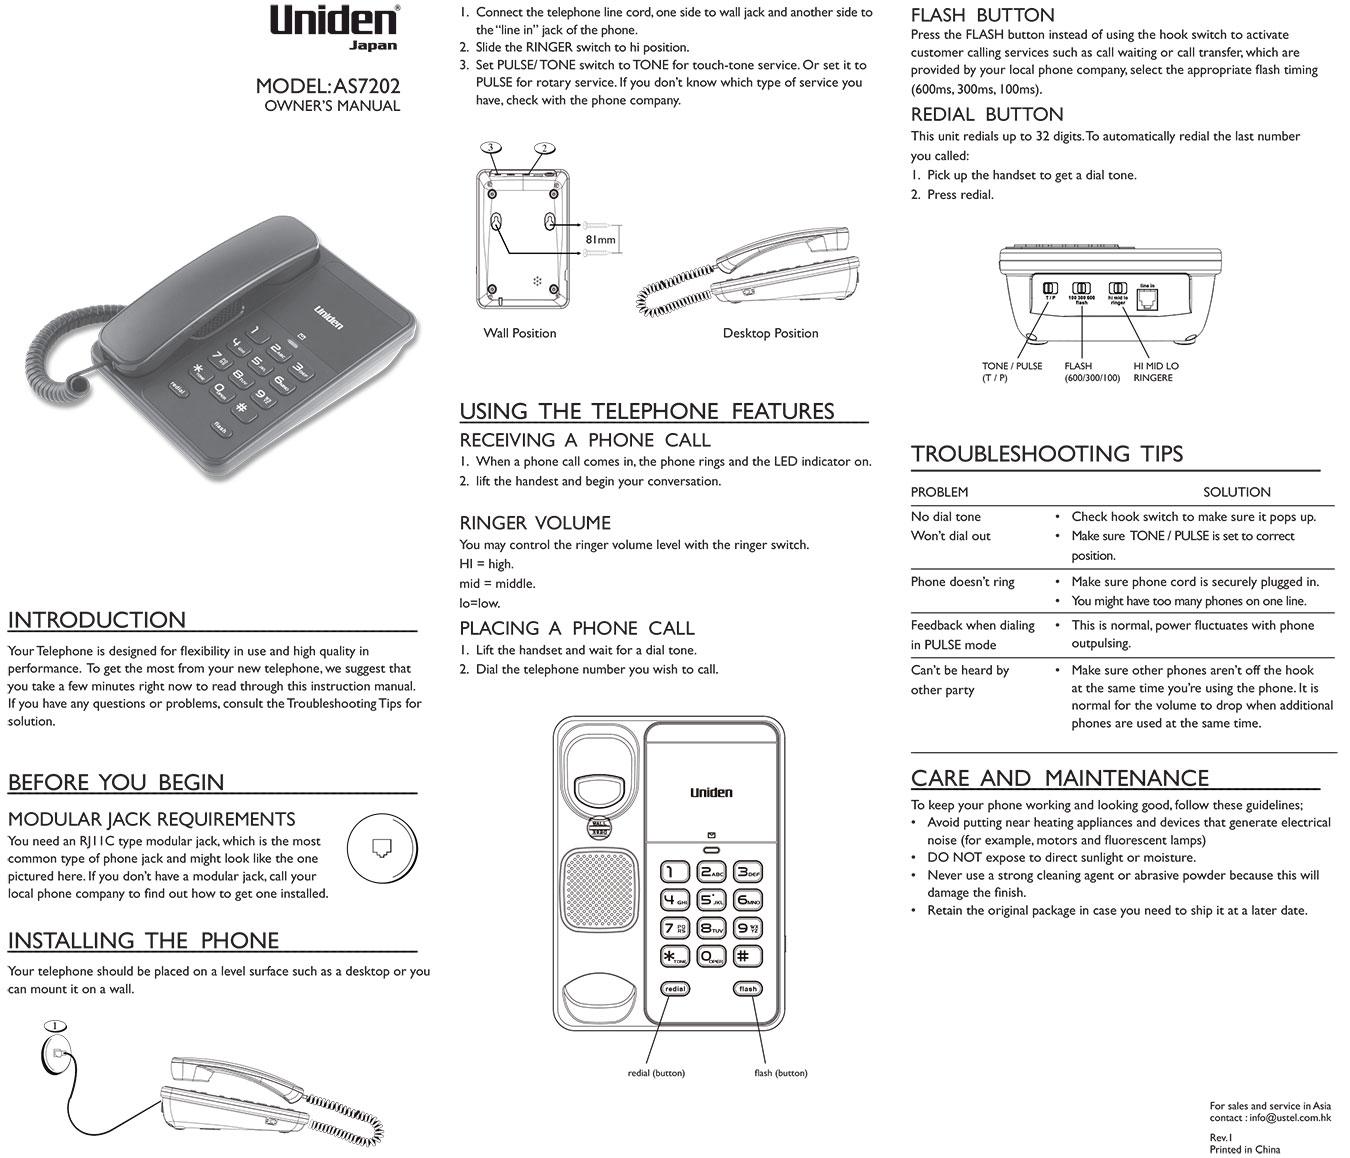 โทรศัพท์สายเดียว Single Line ยี่ห้อ Uniden รุ่น AS7202